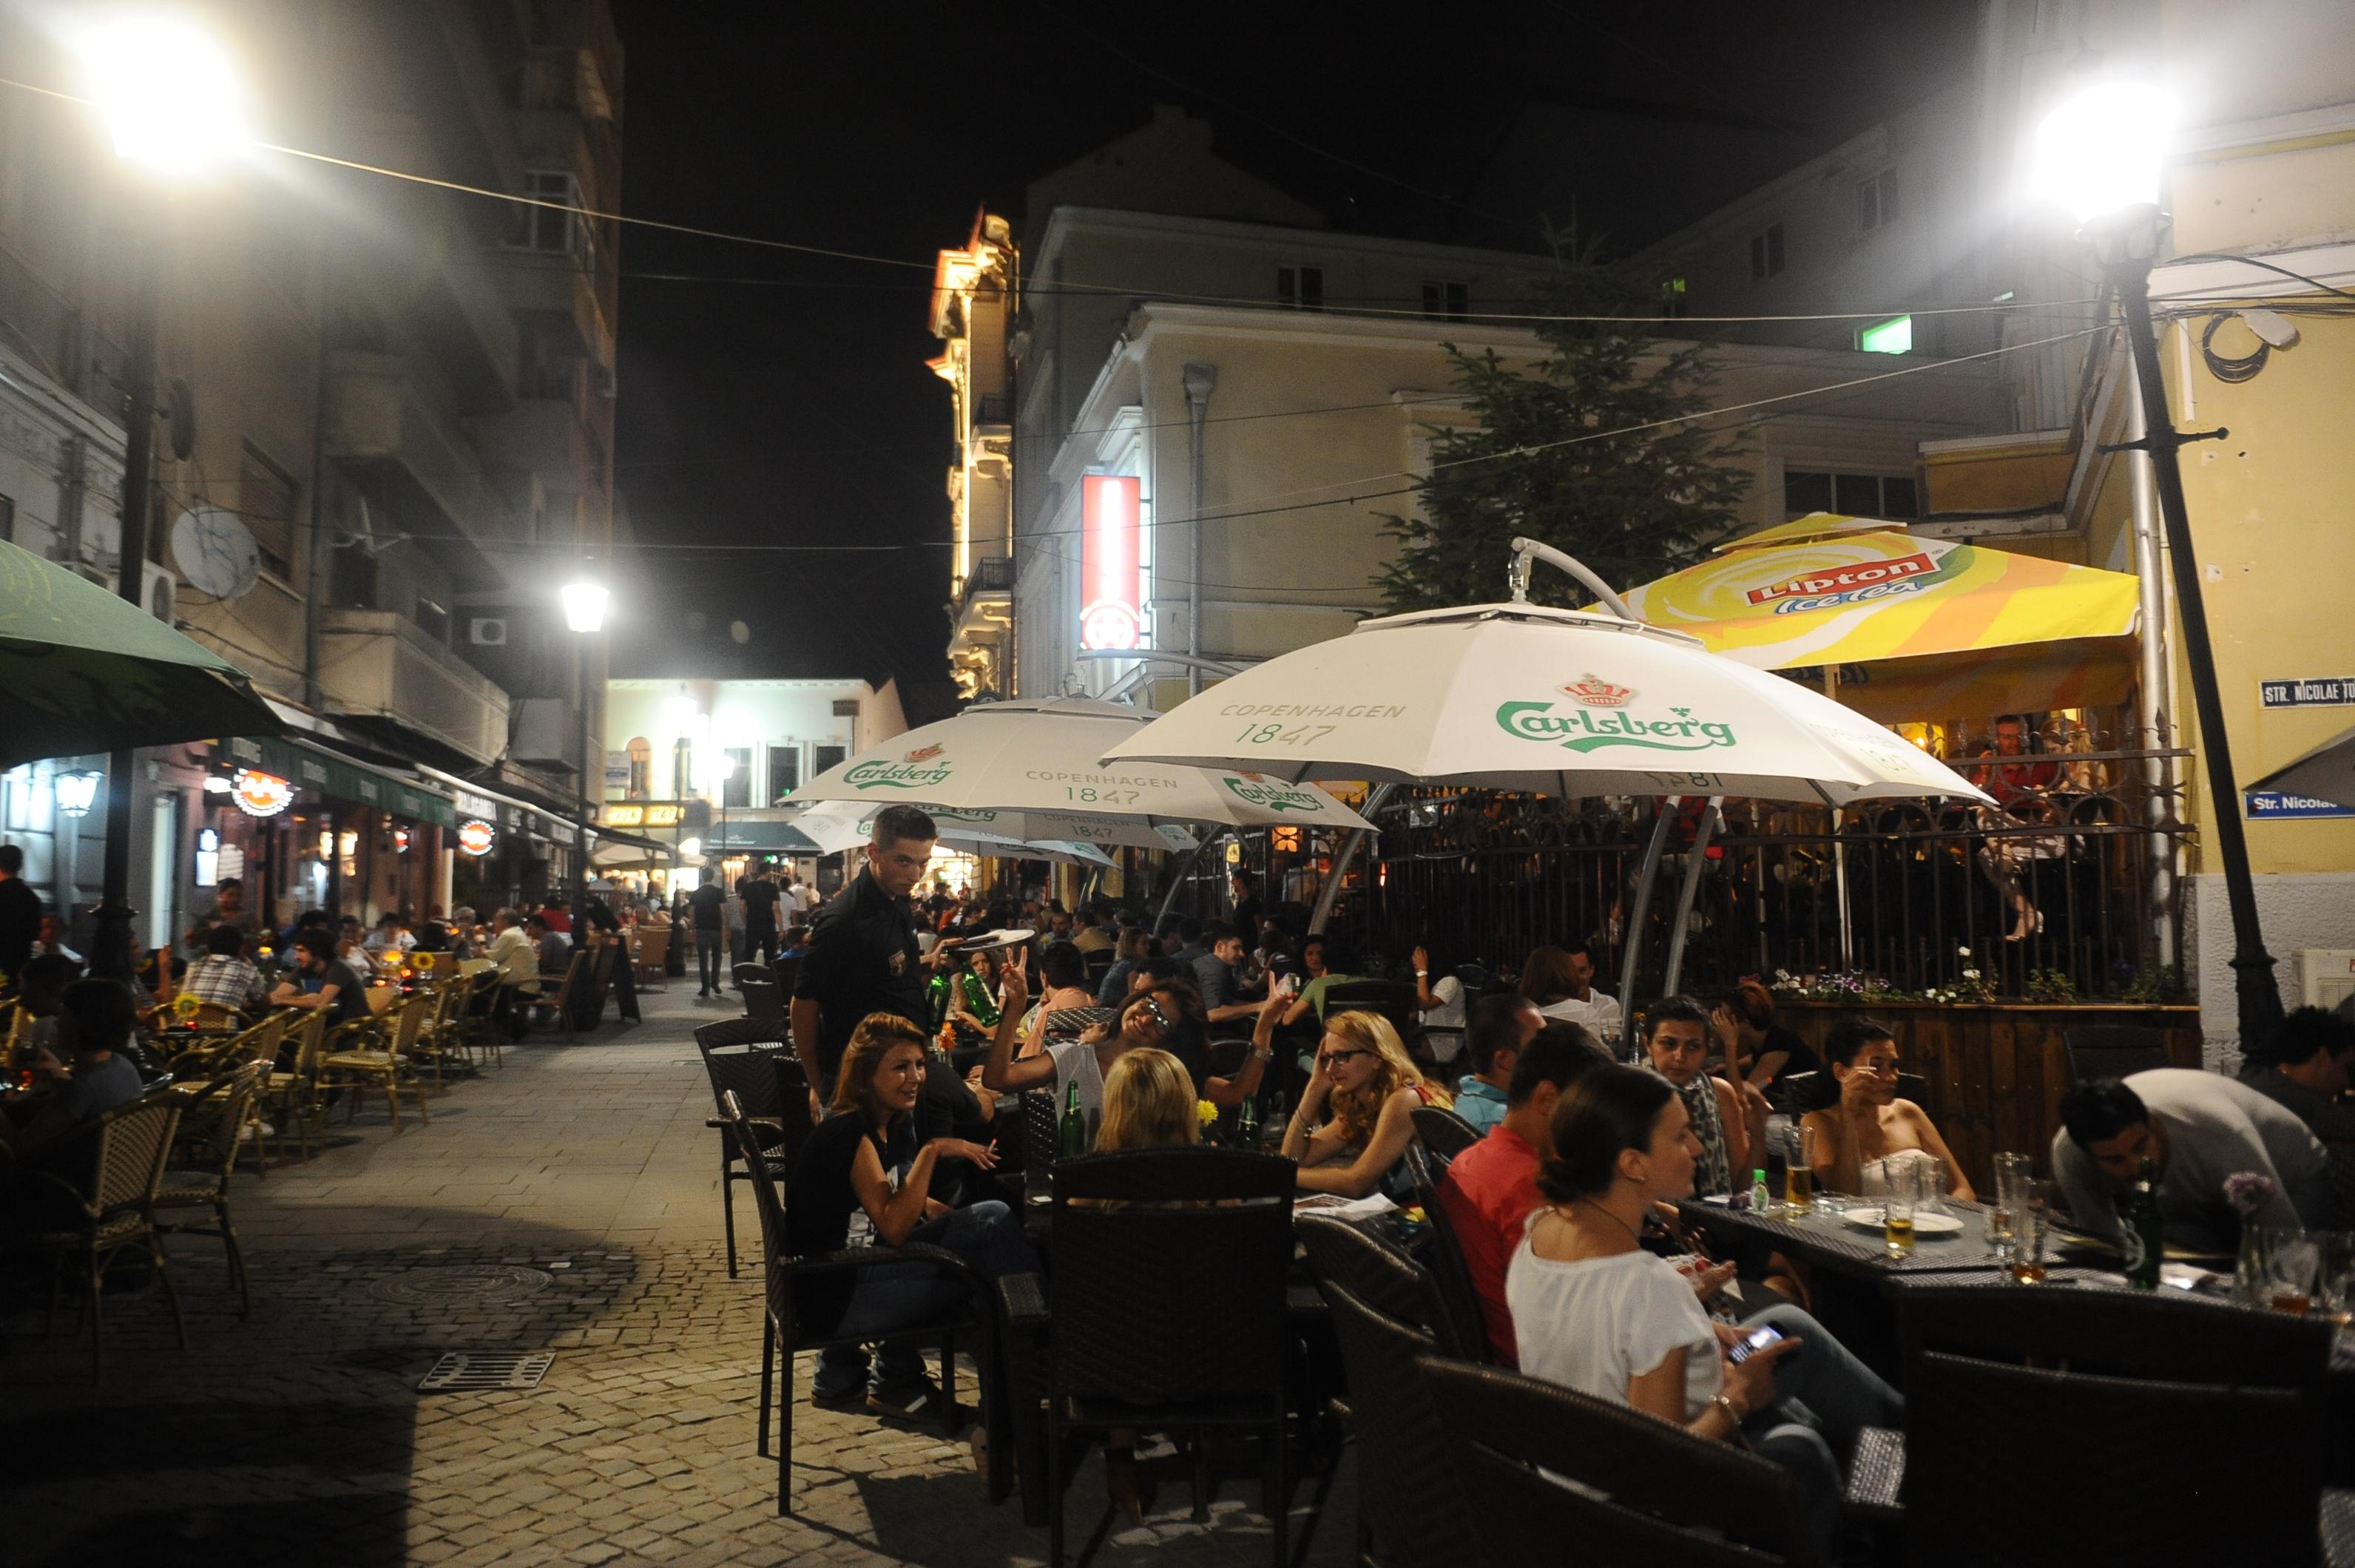 Stingerea la ora 22.00. Primaria Capitalei trimite la culcare turistii din Centrul Istoric si baga in faliment afacerile firmelor din zona